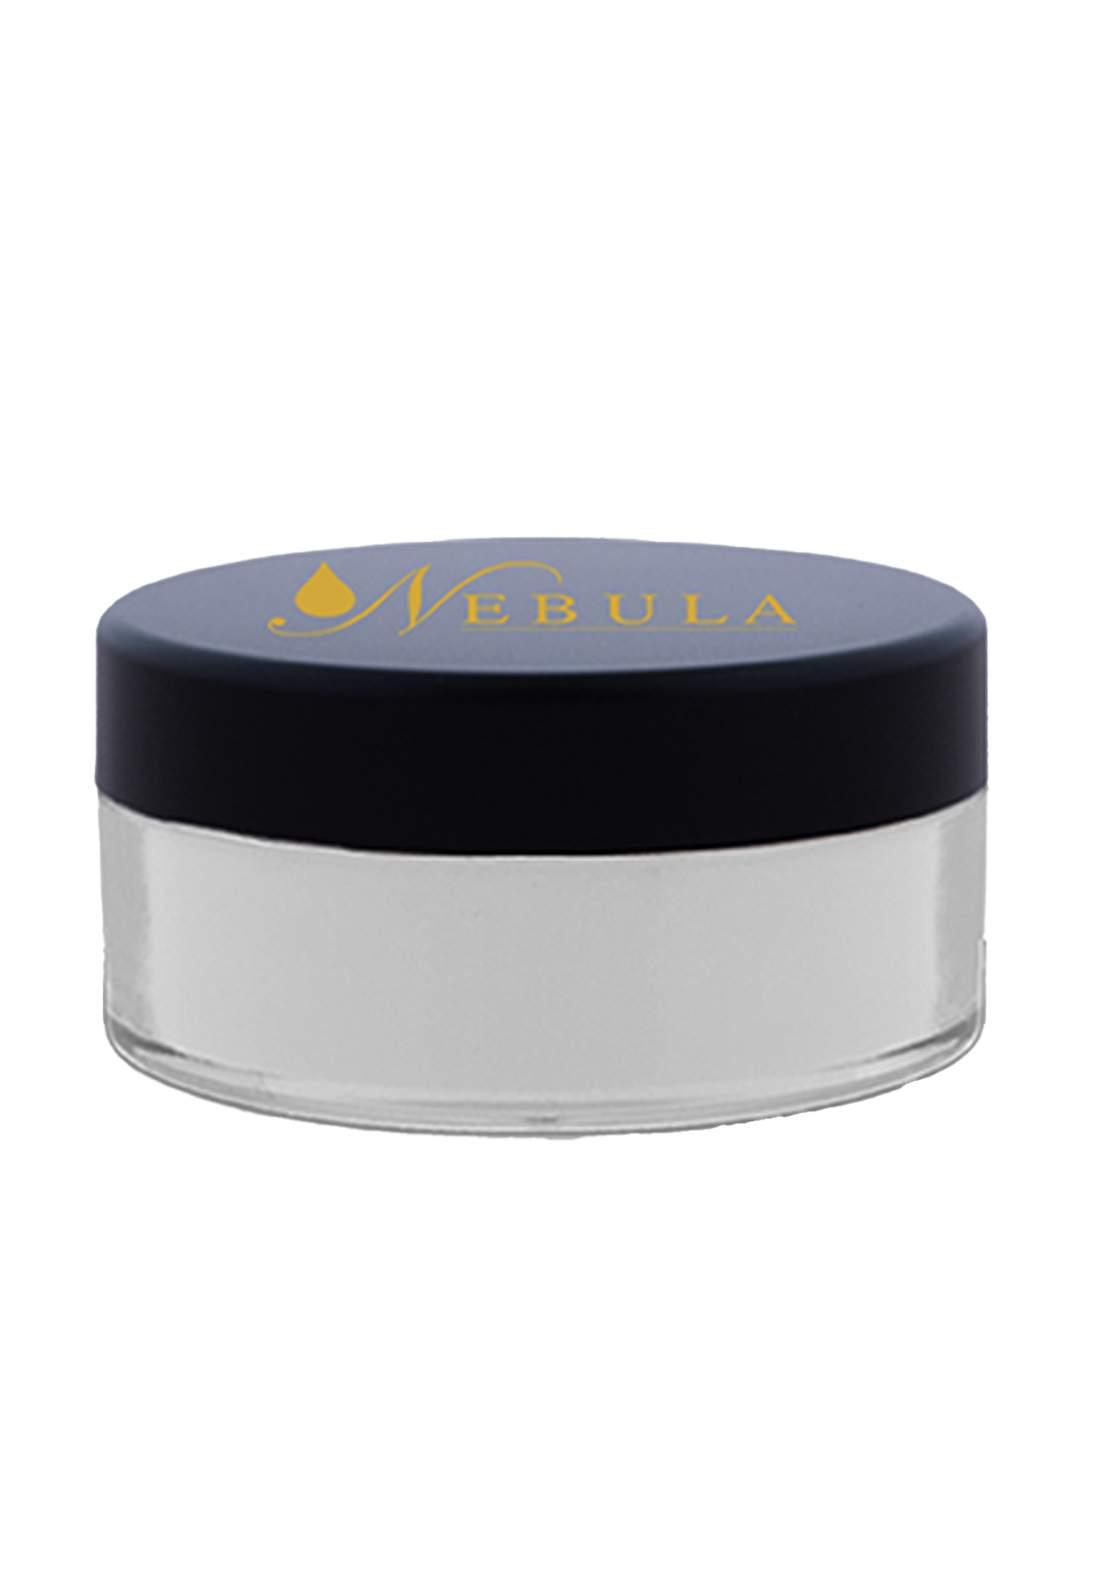 Nebula Losse Powder HD 10g باودر